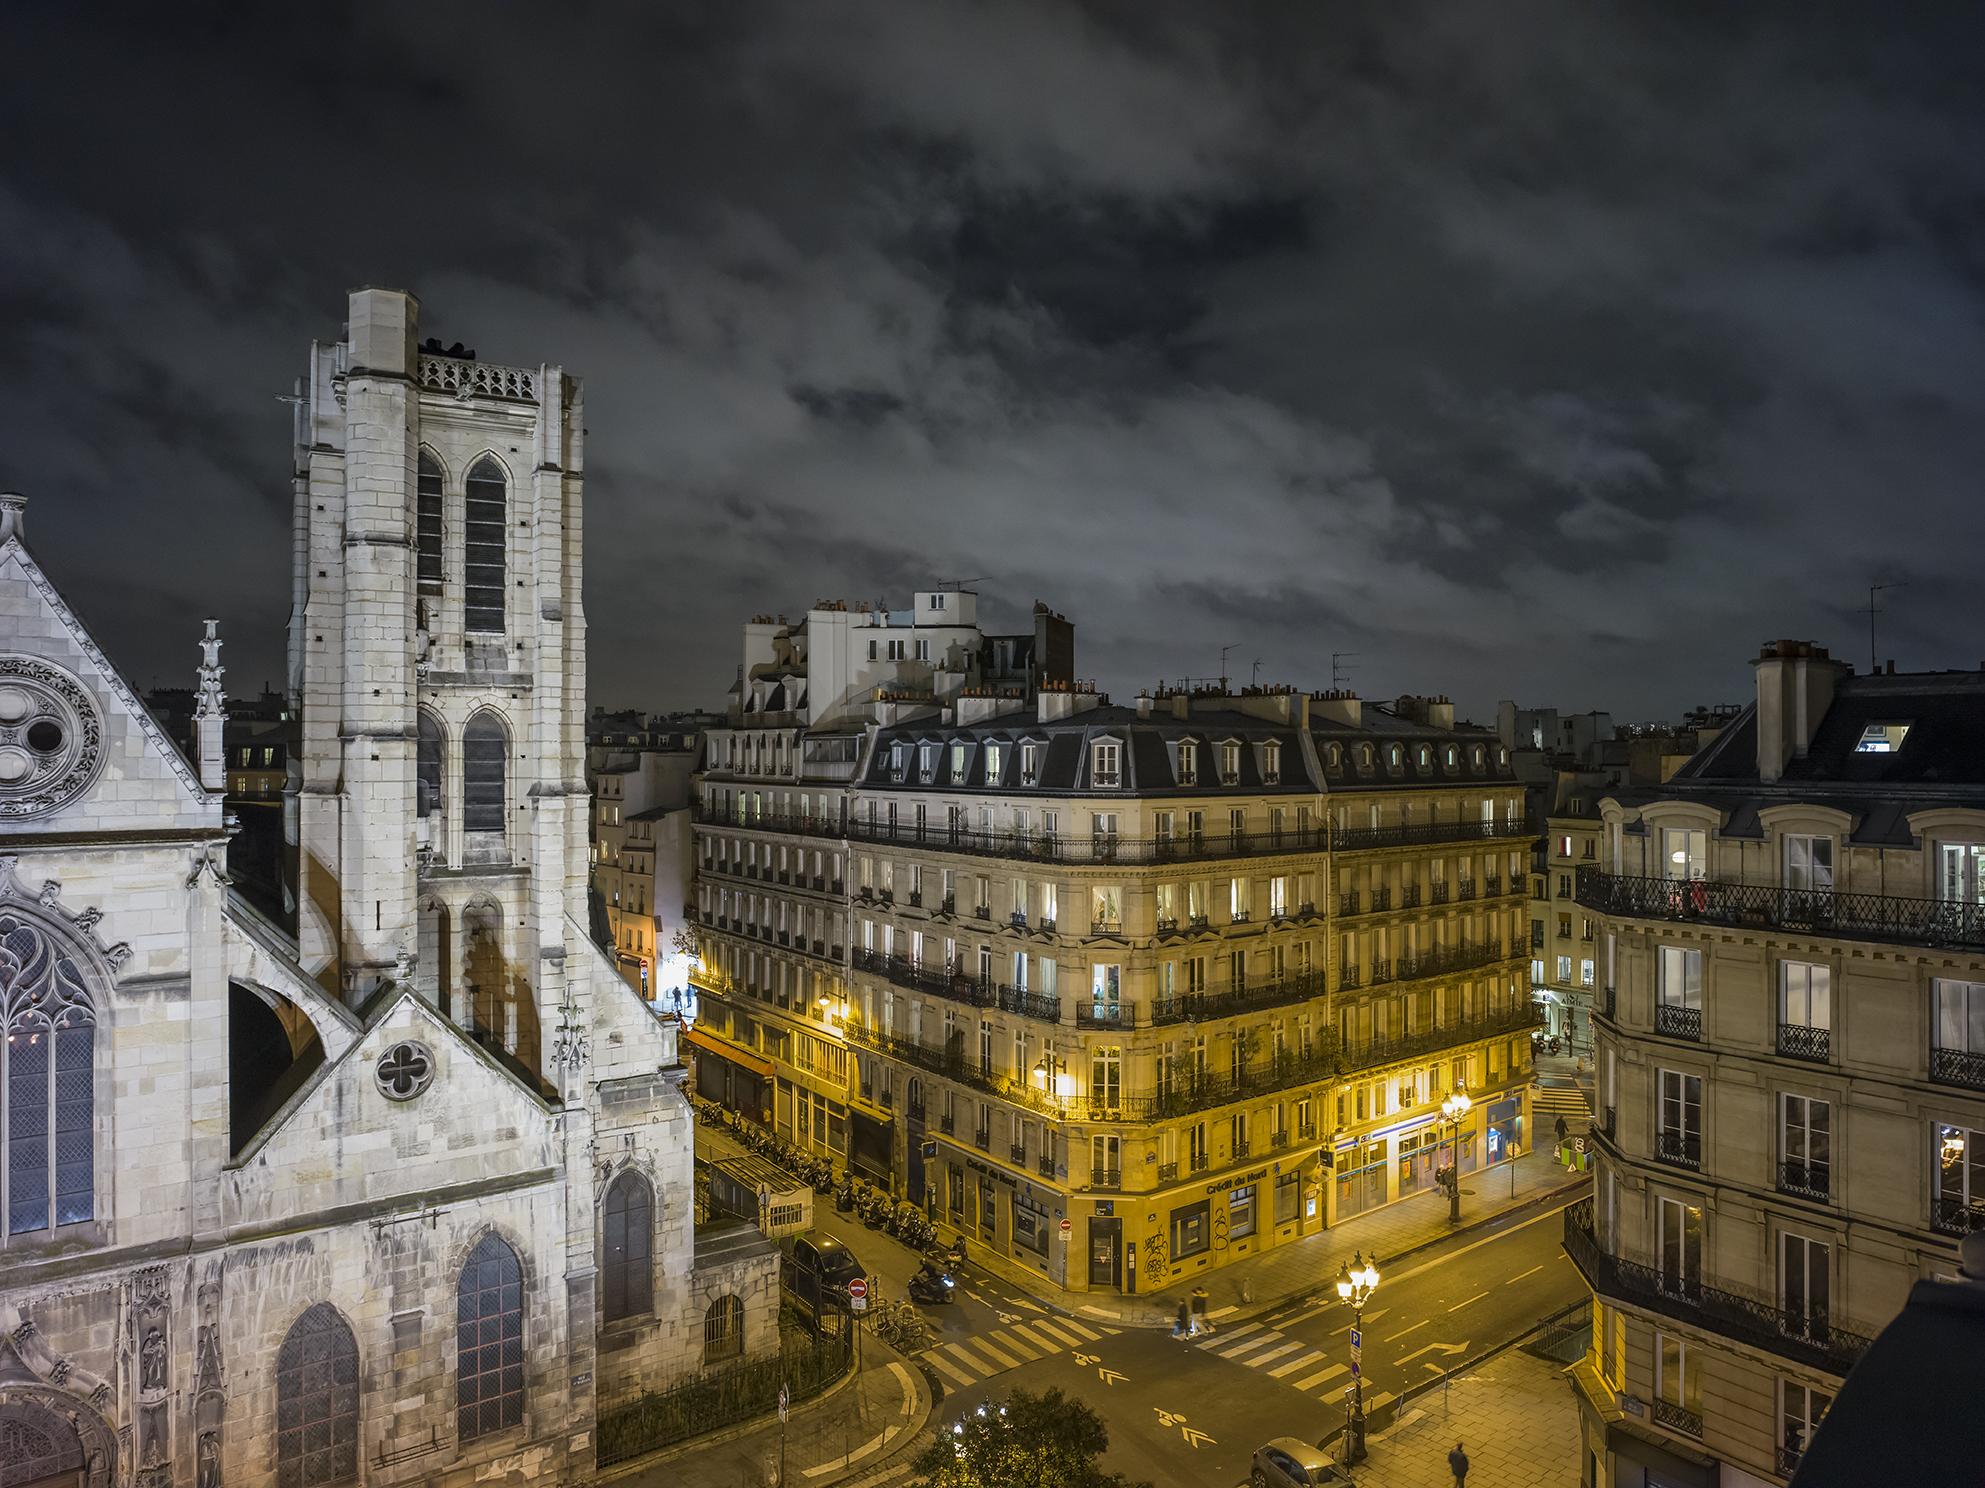 Saint-Nicholas-des-Champs | Paris, France. November 2018.